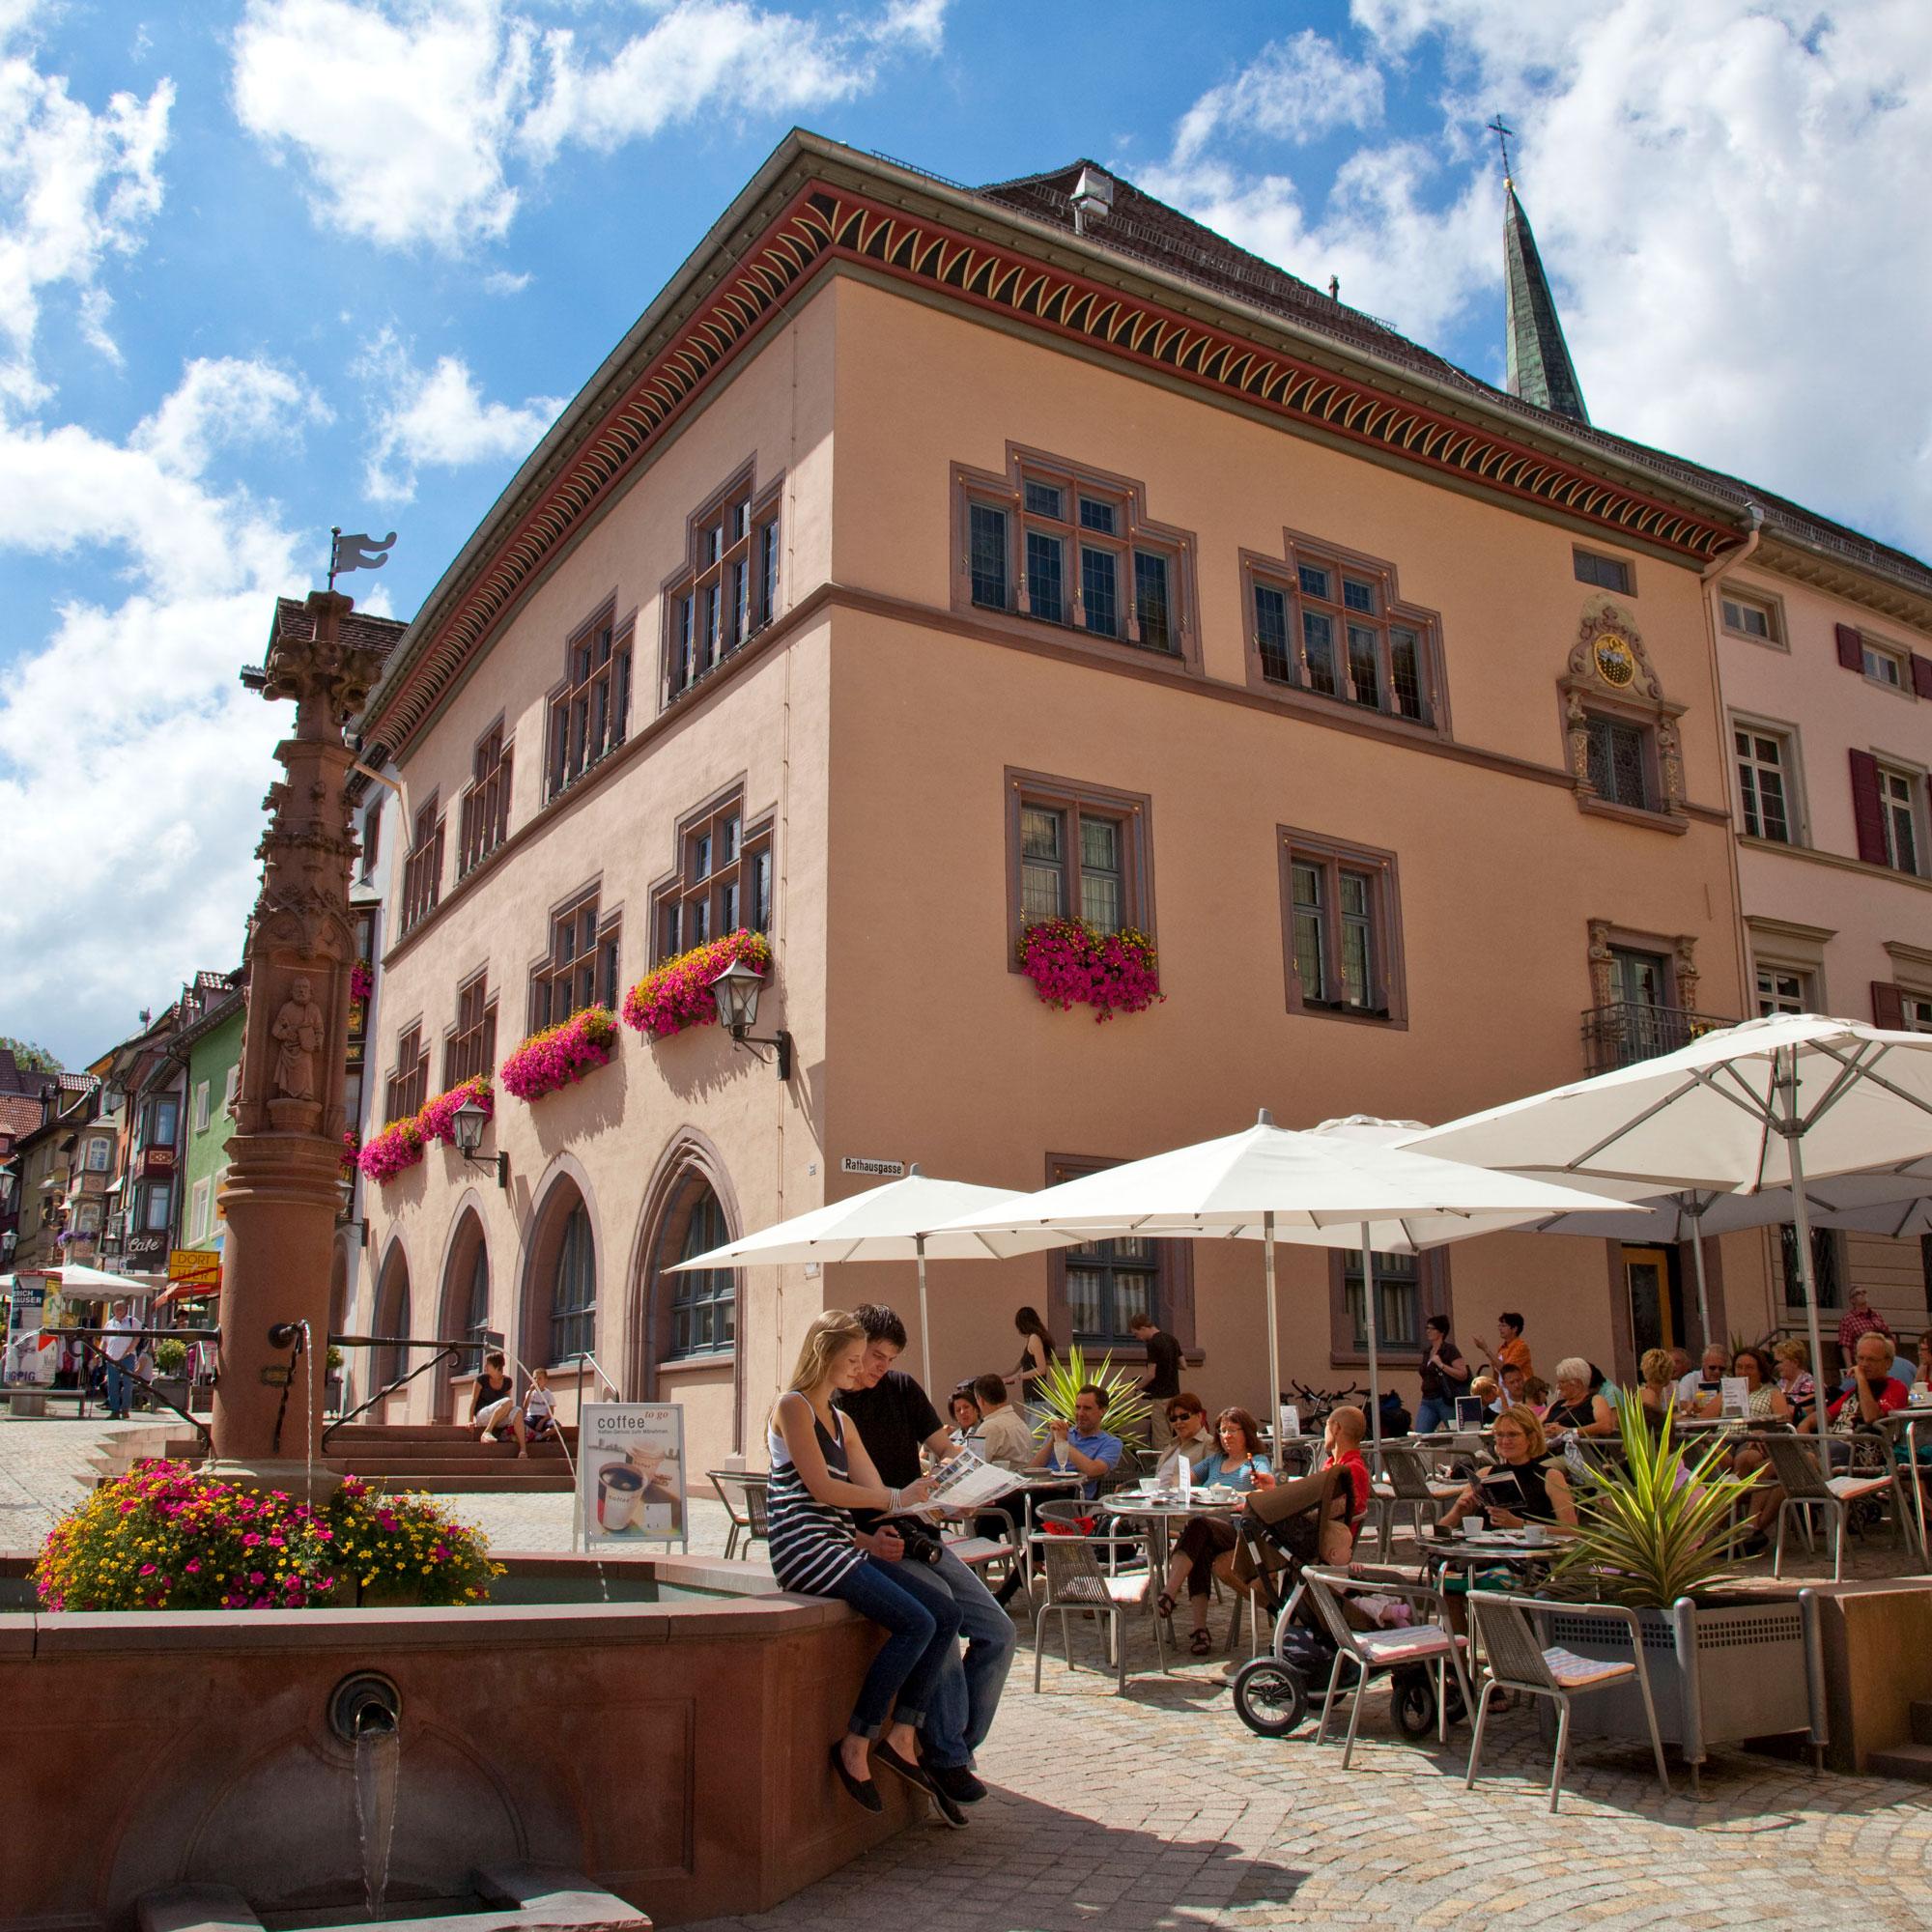 Das Alte Rathaus und der Apostelbrunnen in der Fußgängerzone